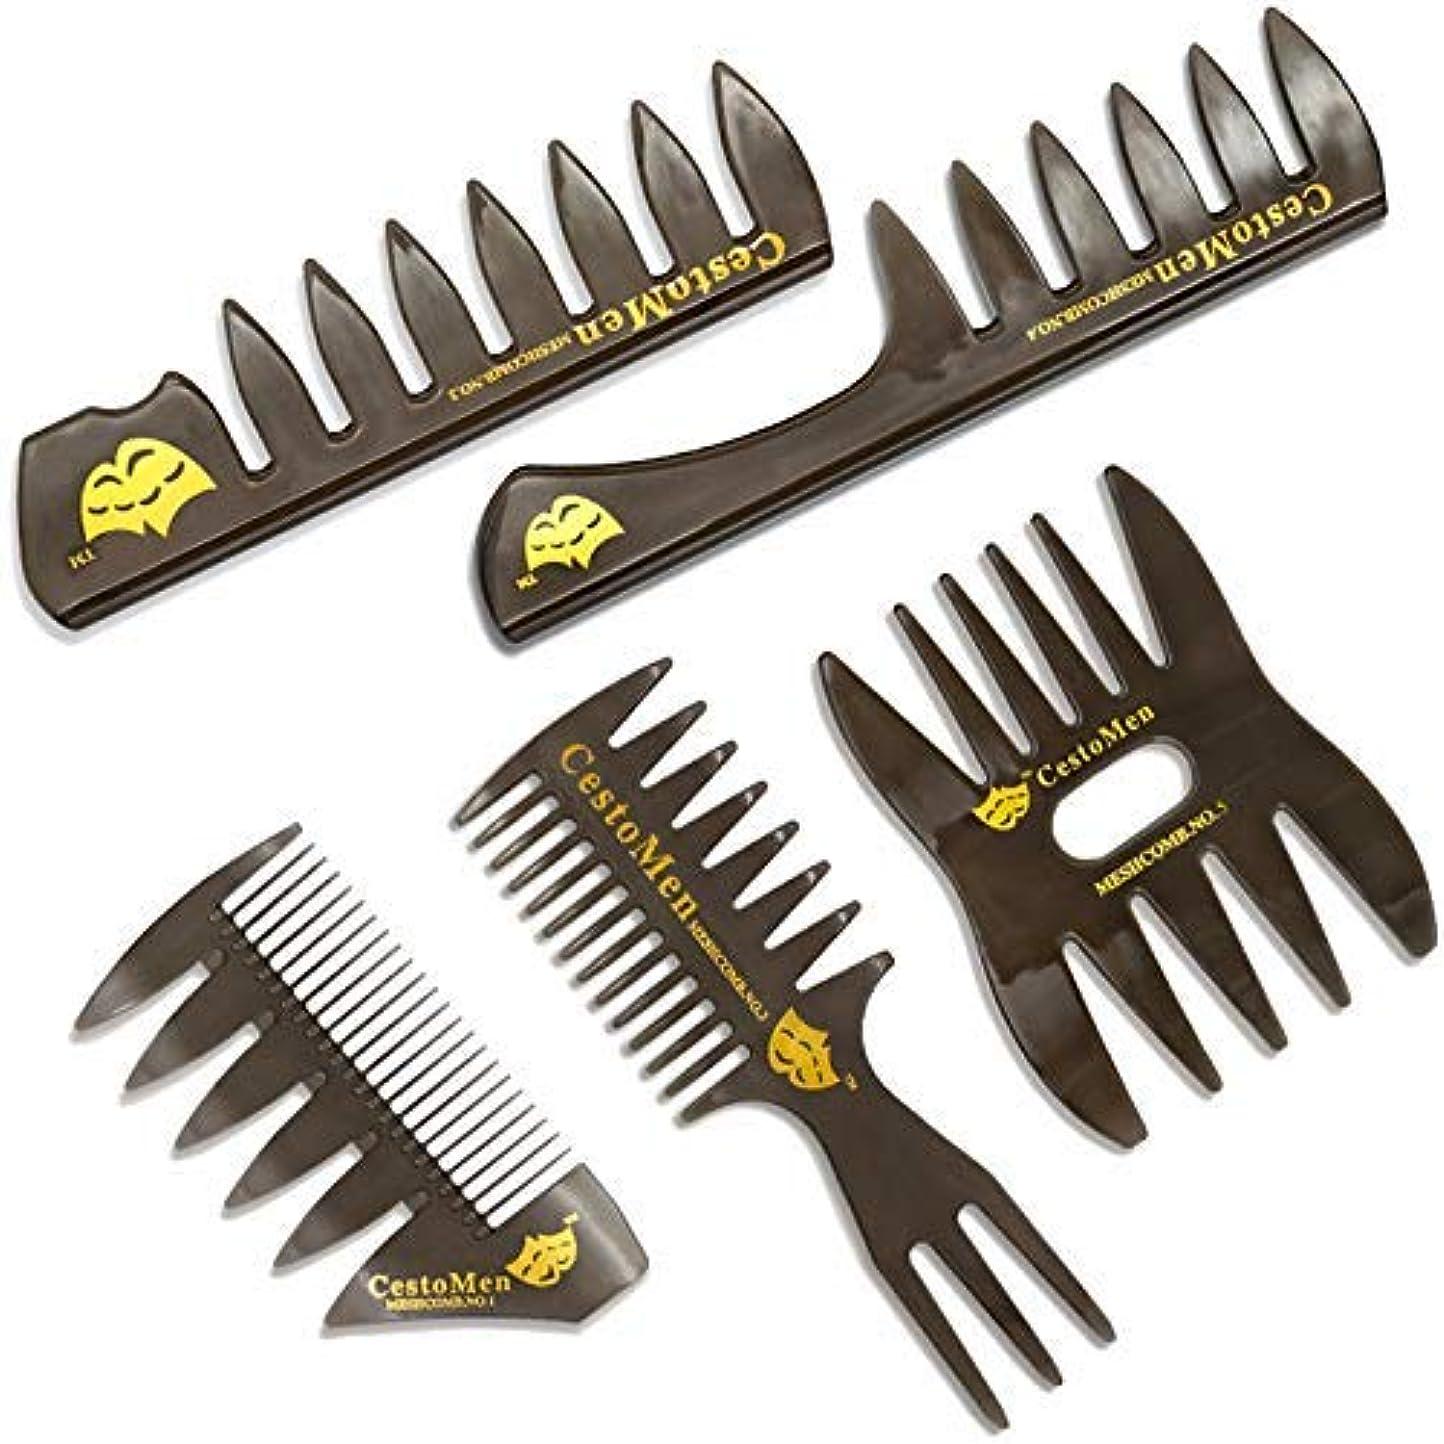 競うタワーランデブー5 PCS Hair Comb Styling Set Barber Hairstylist Accessories - Professional Shaping & Teasing Wet Combs Tools, Anti...